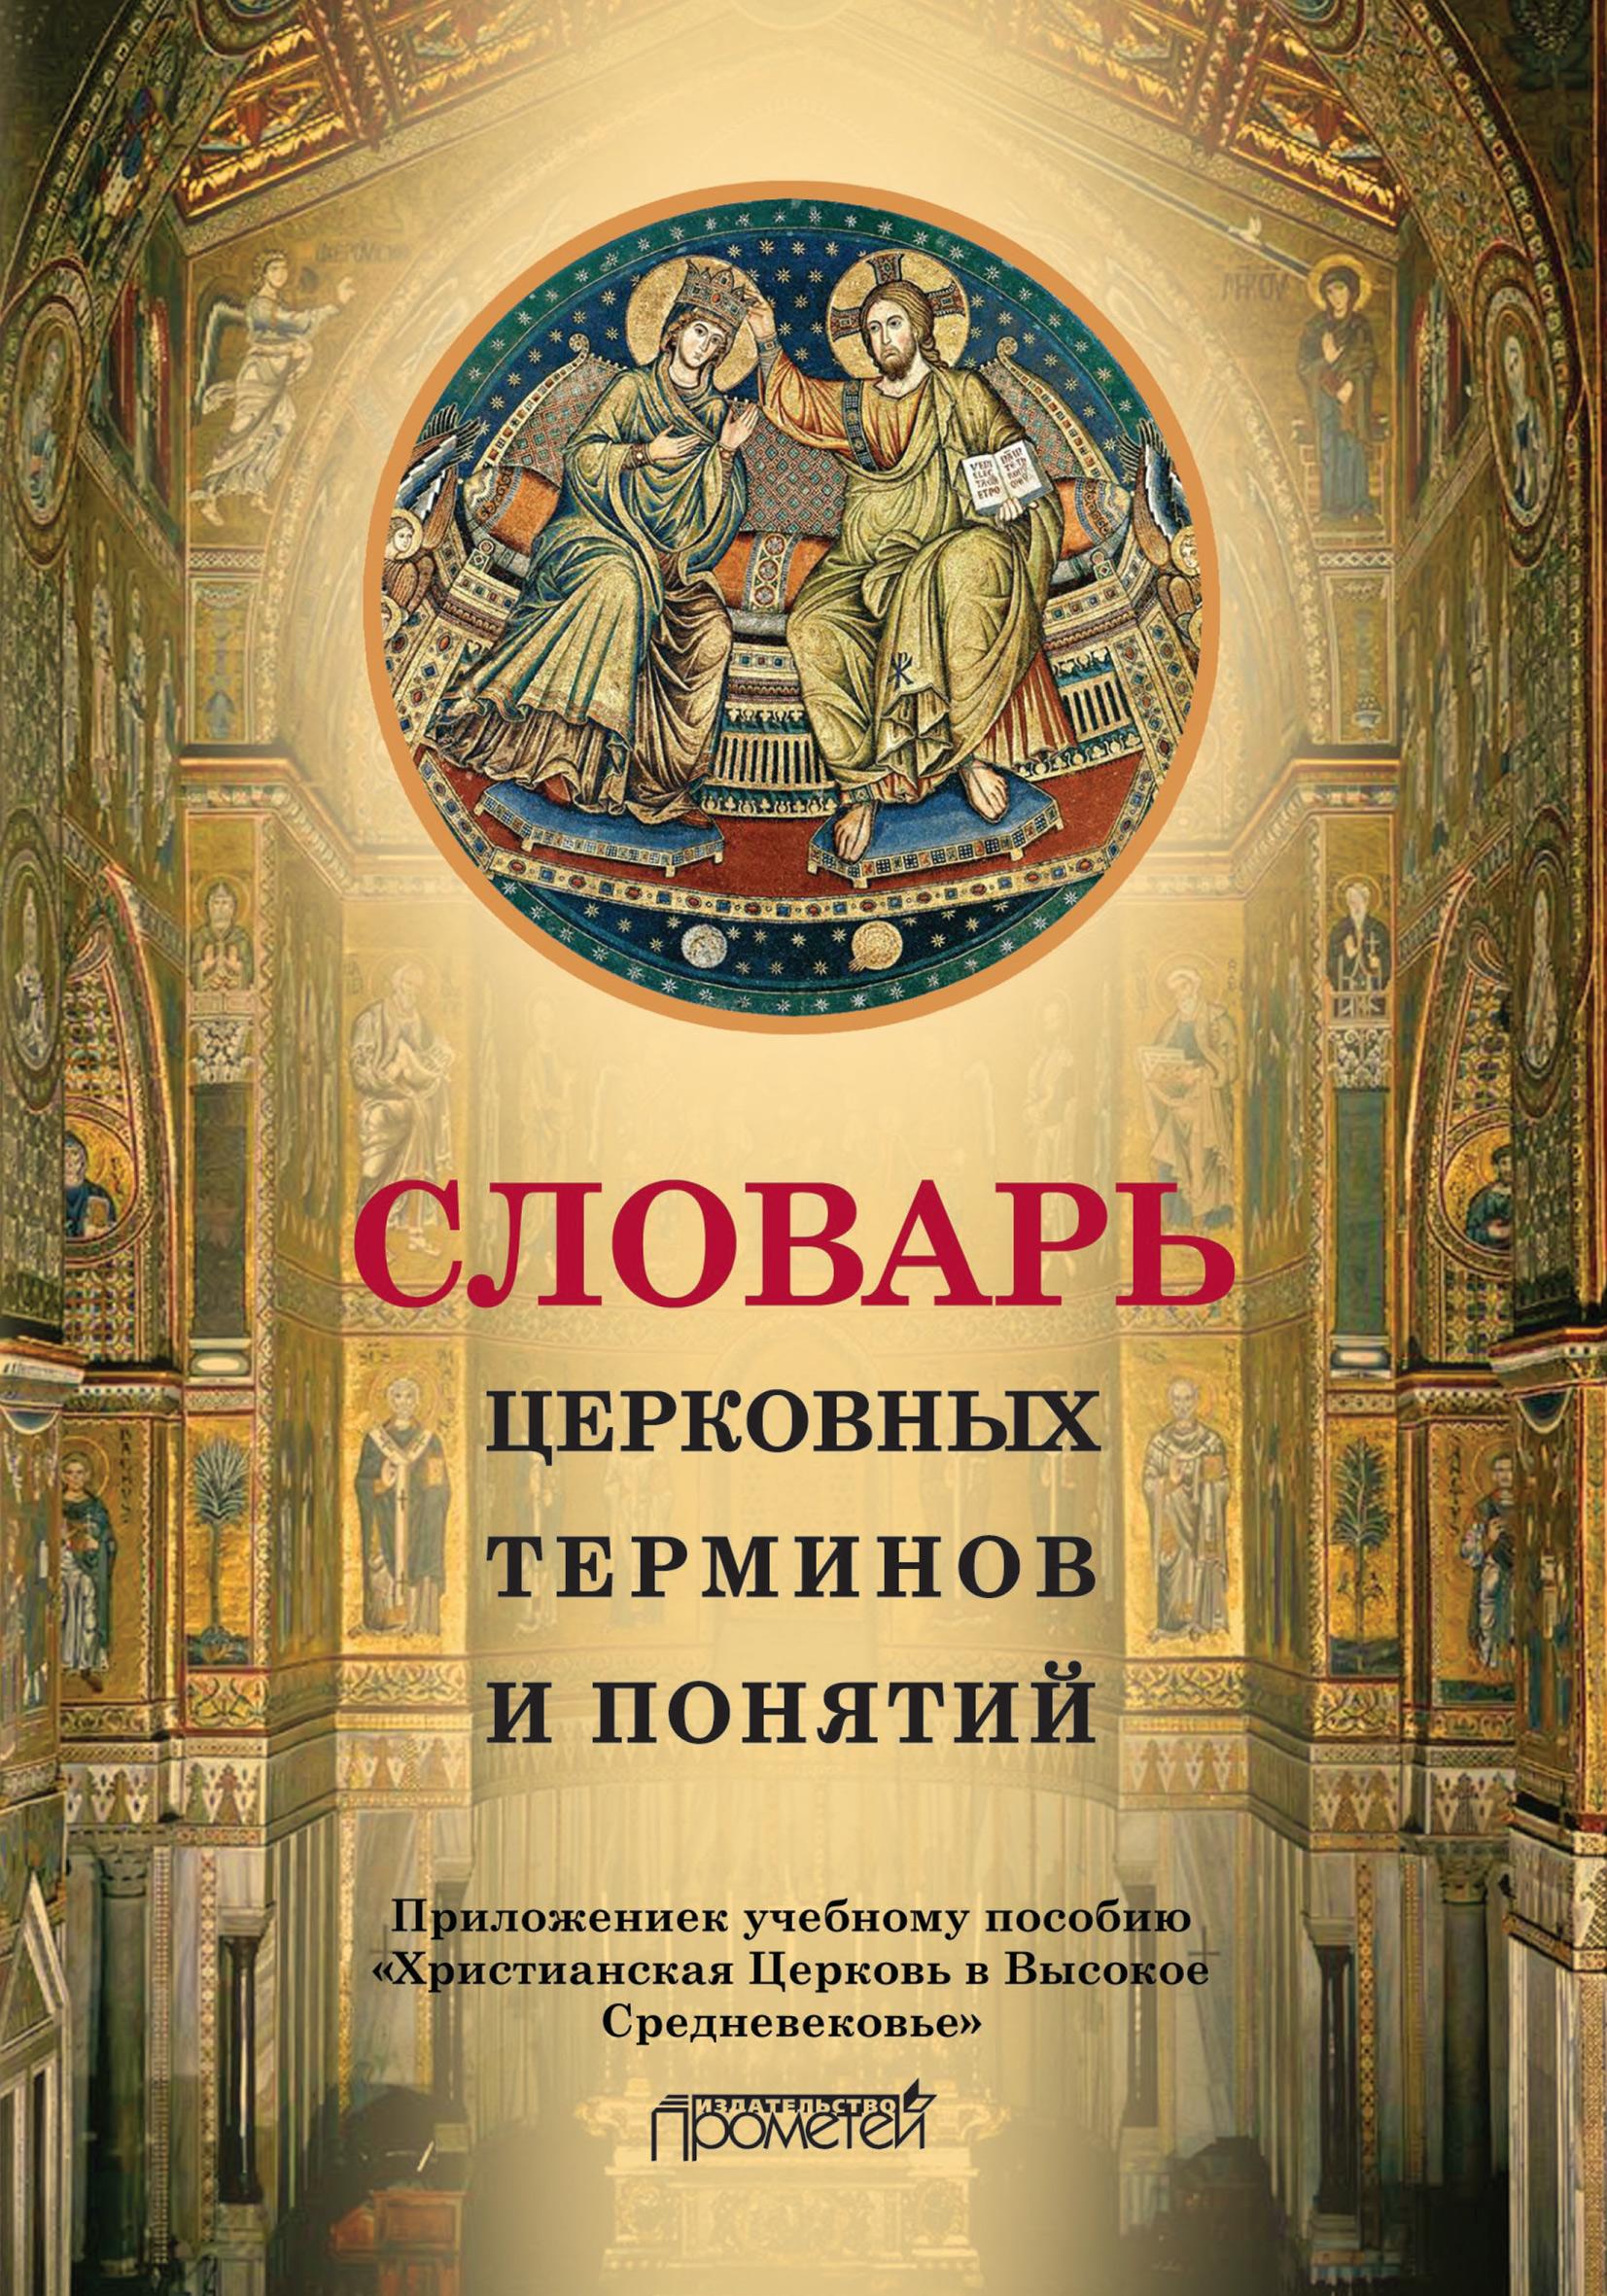 Словарь церковных терминов и понятий. Приложение к учебному пособию «Христианская Церковь в Высокое Средневековье»